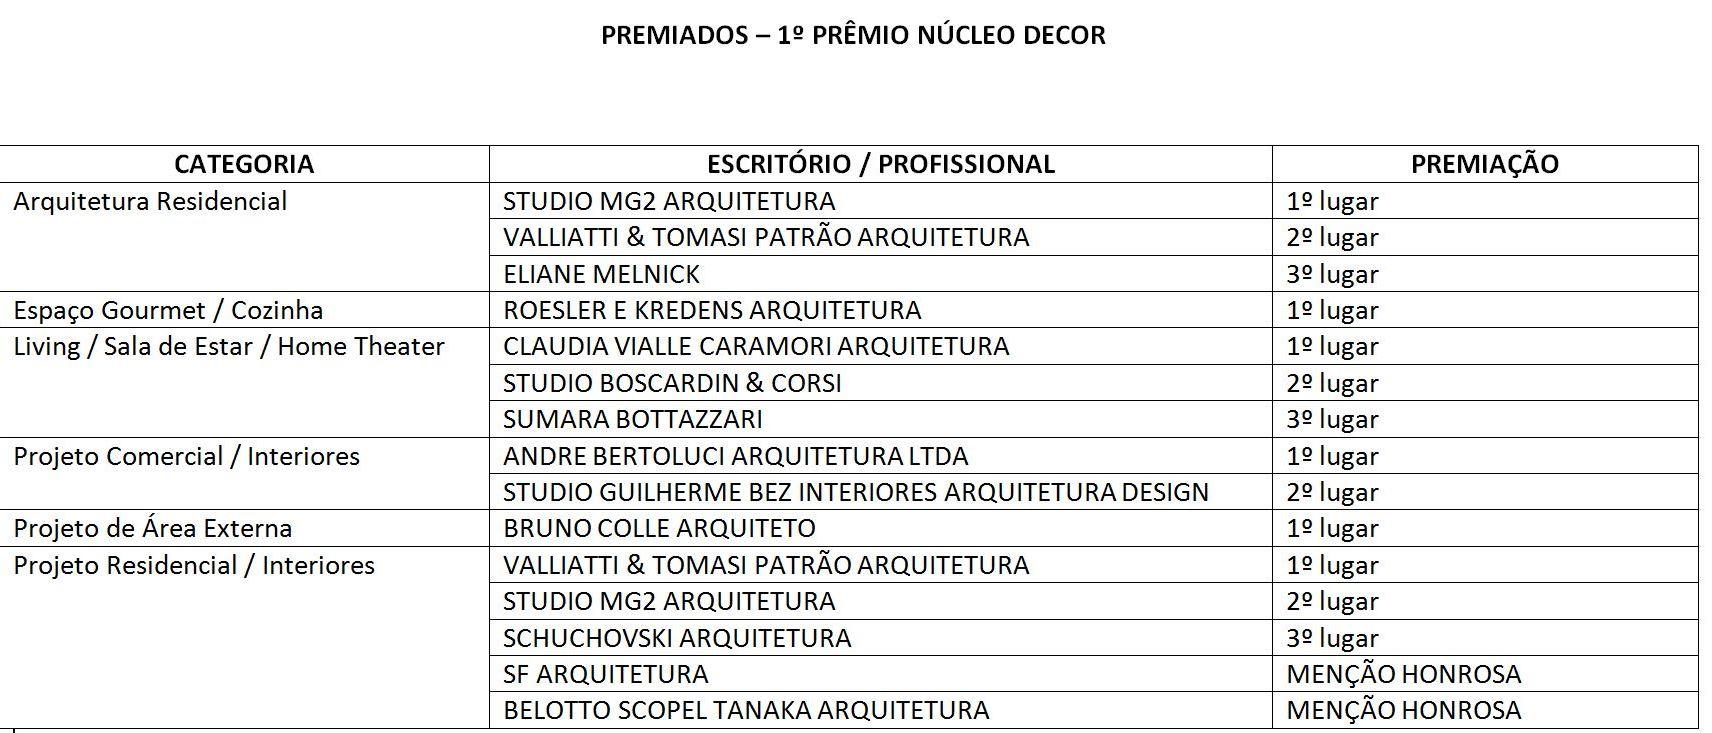 Prêmio Núcleo Decor reconhece o trabalho de 13 escritórios de Curitiba